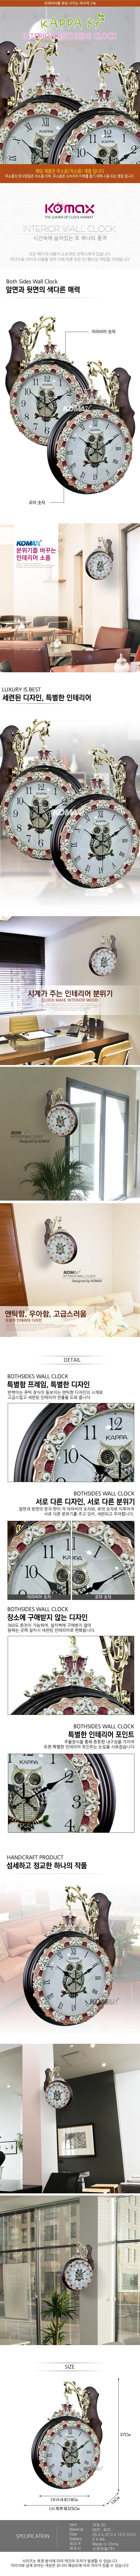 카파 87 무소음 양면벽시계 - 코맥스, 96,100원, 양면시계, 앤틱